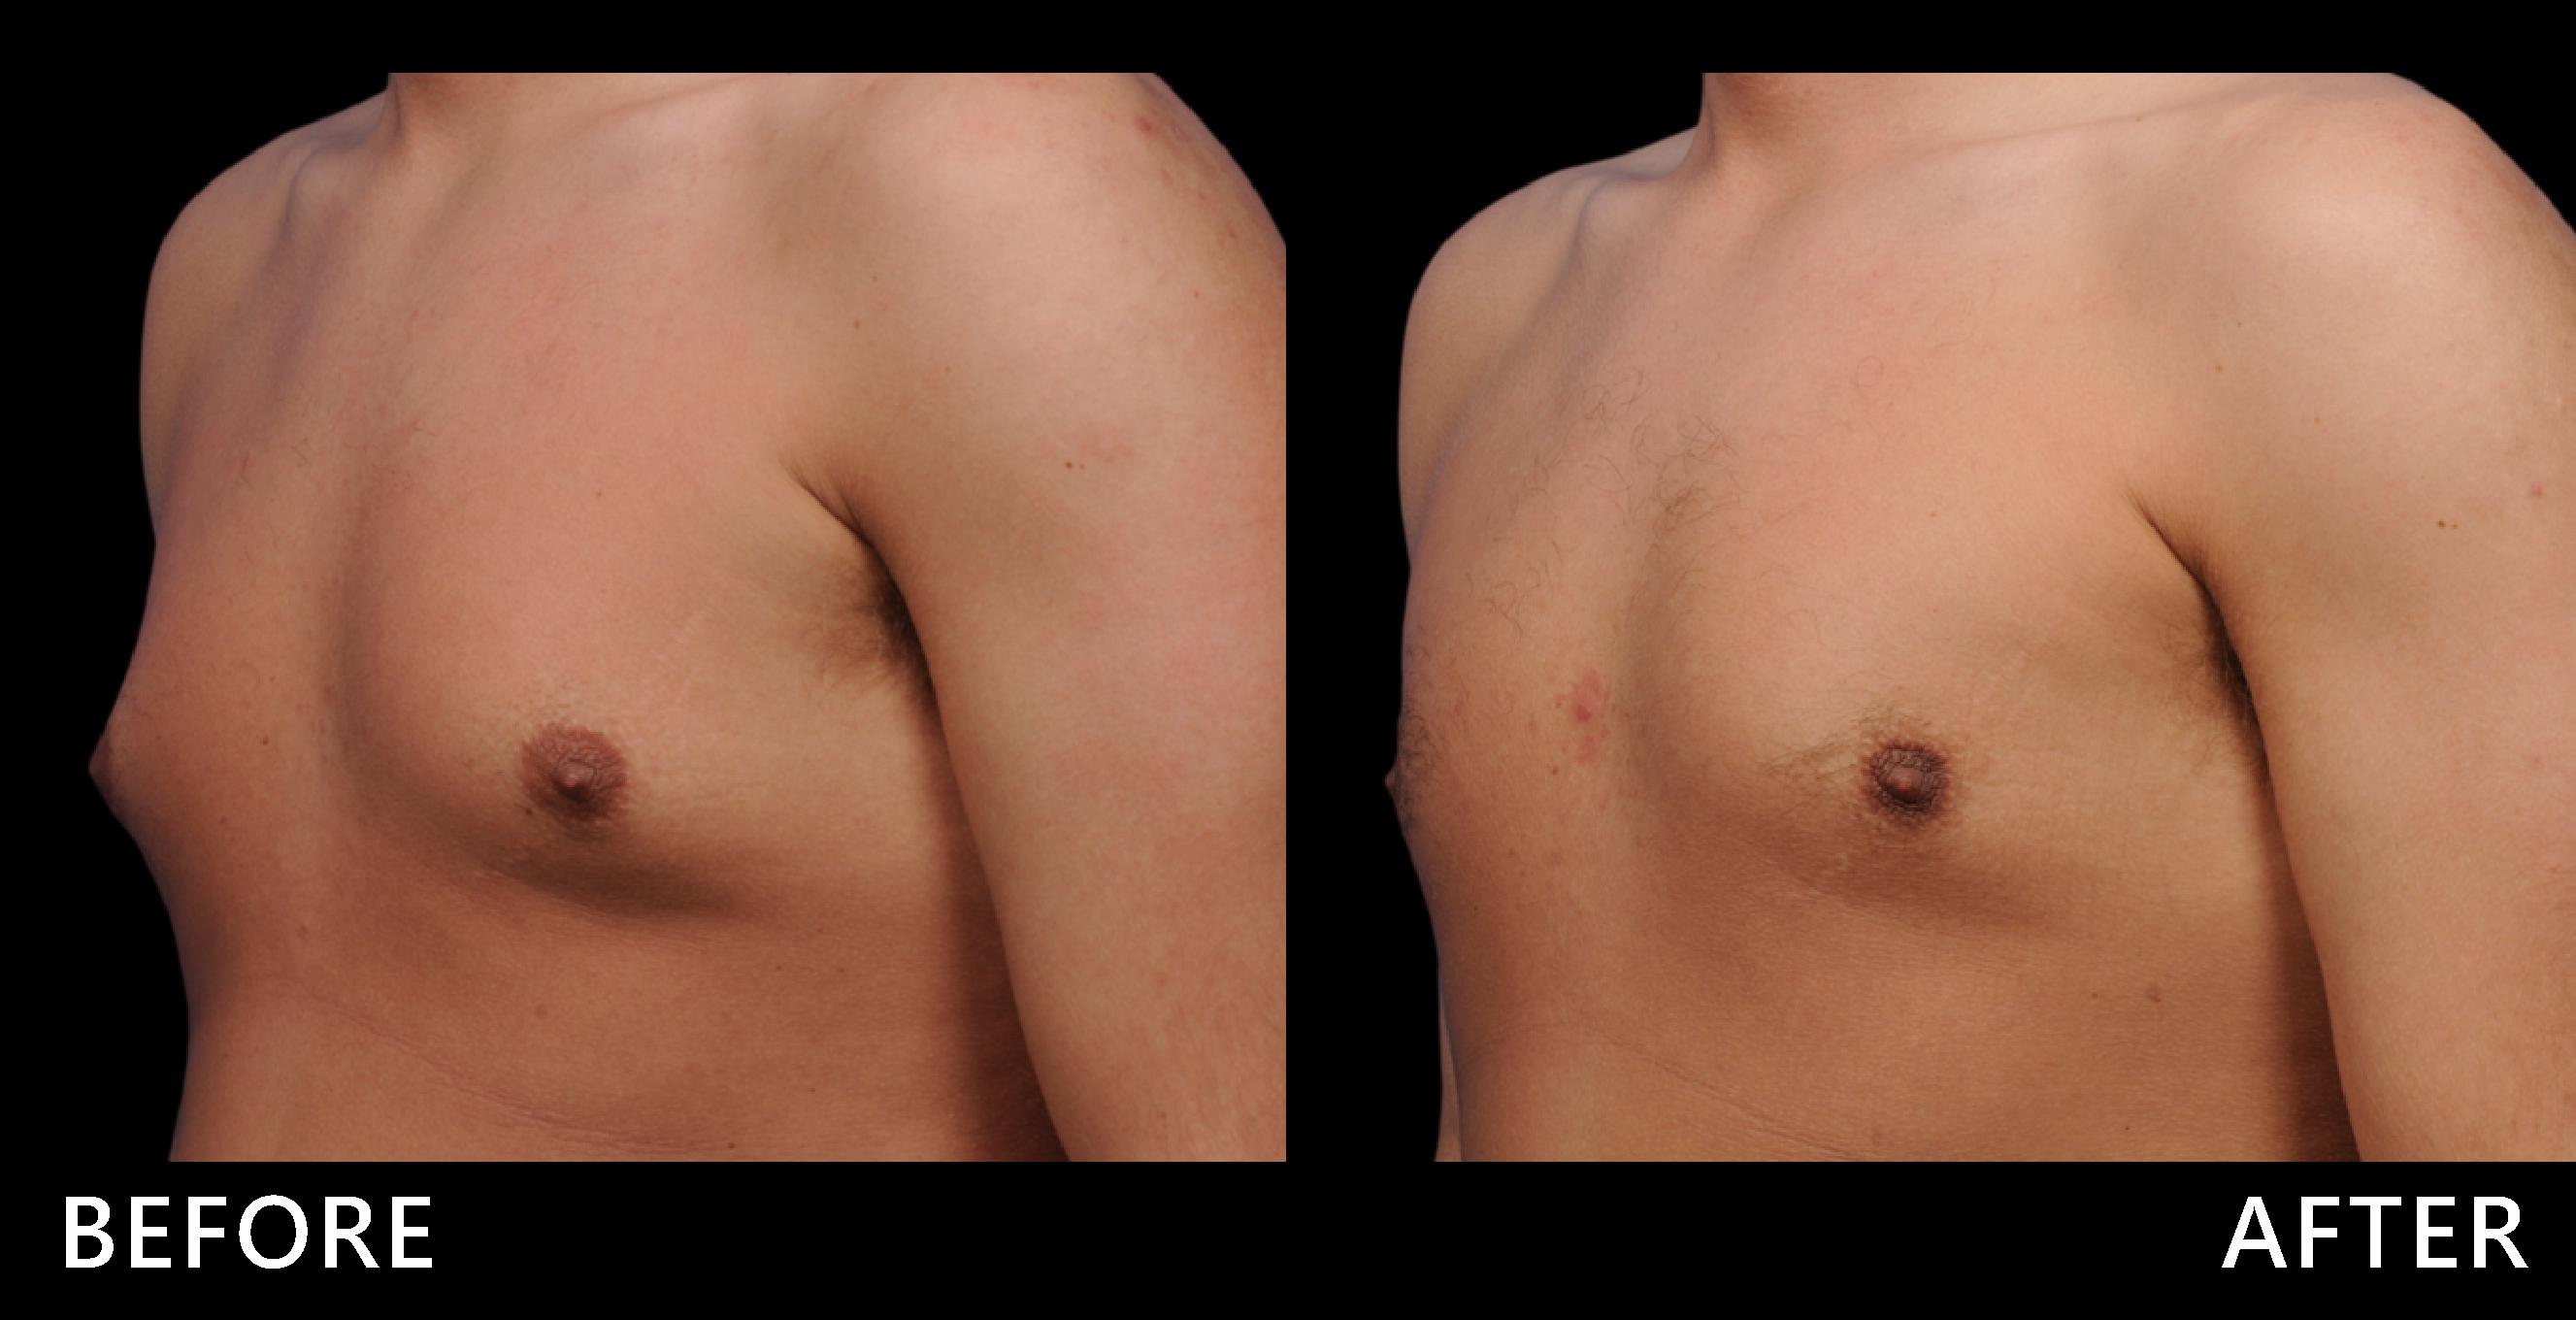 胸部脂肪明顯變少,男性肌肉感增加了!(效果因個案而異)